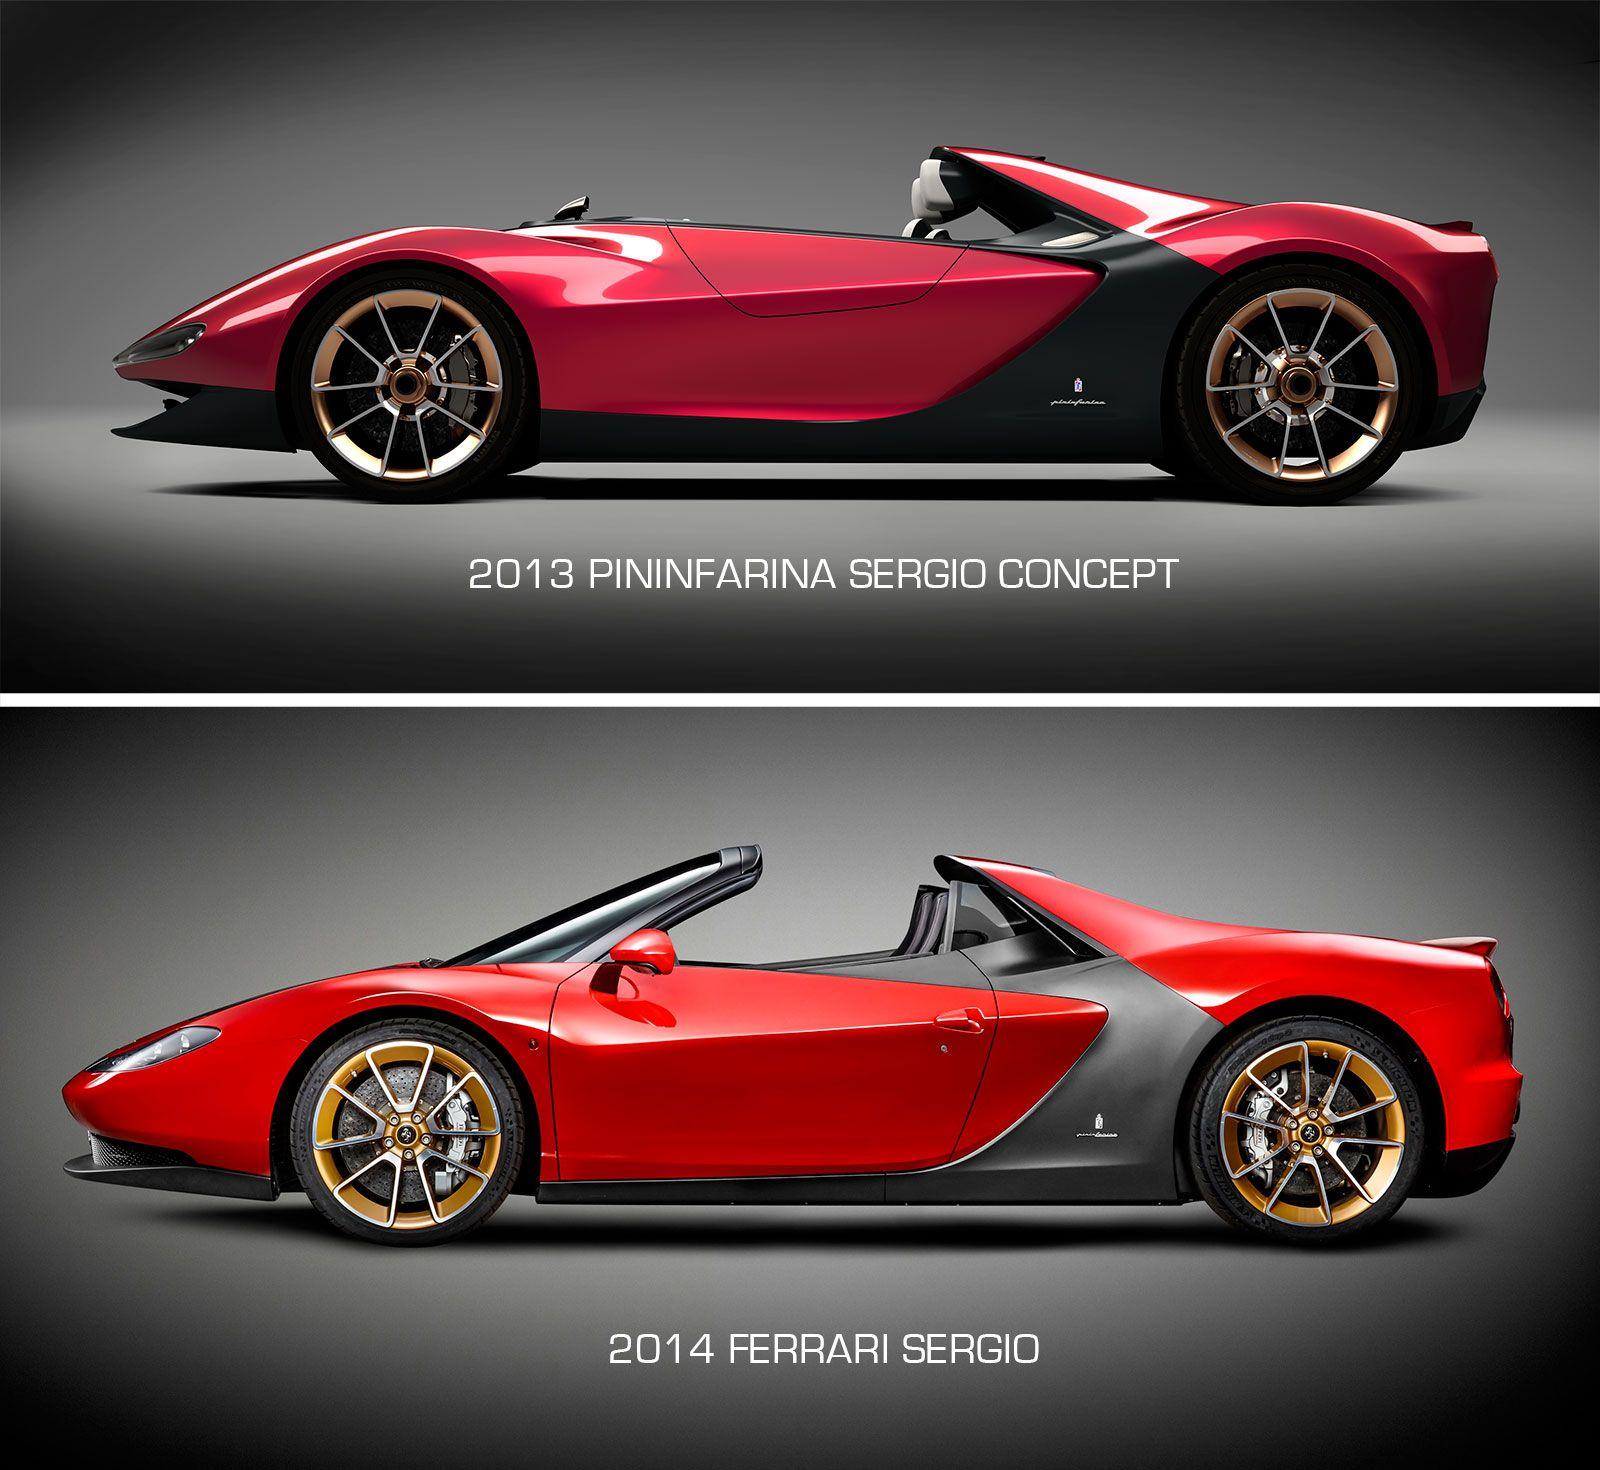 Ferrari Sergio   Pininfarina Sergio Concept Design Comparison